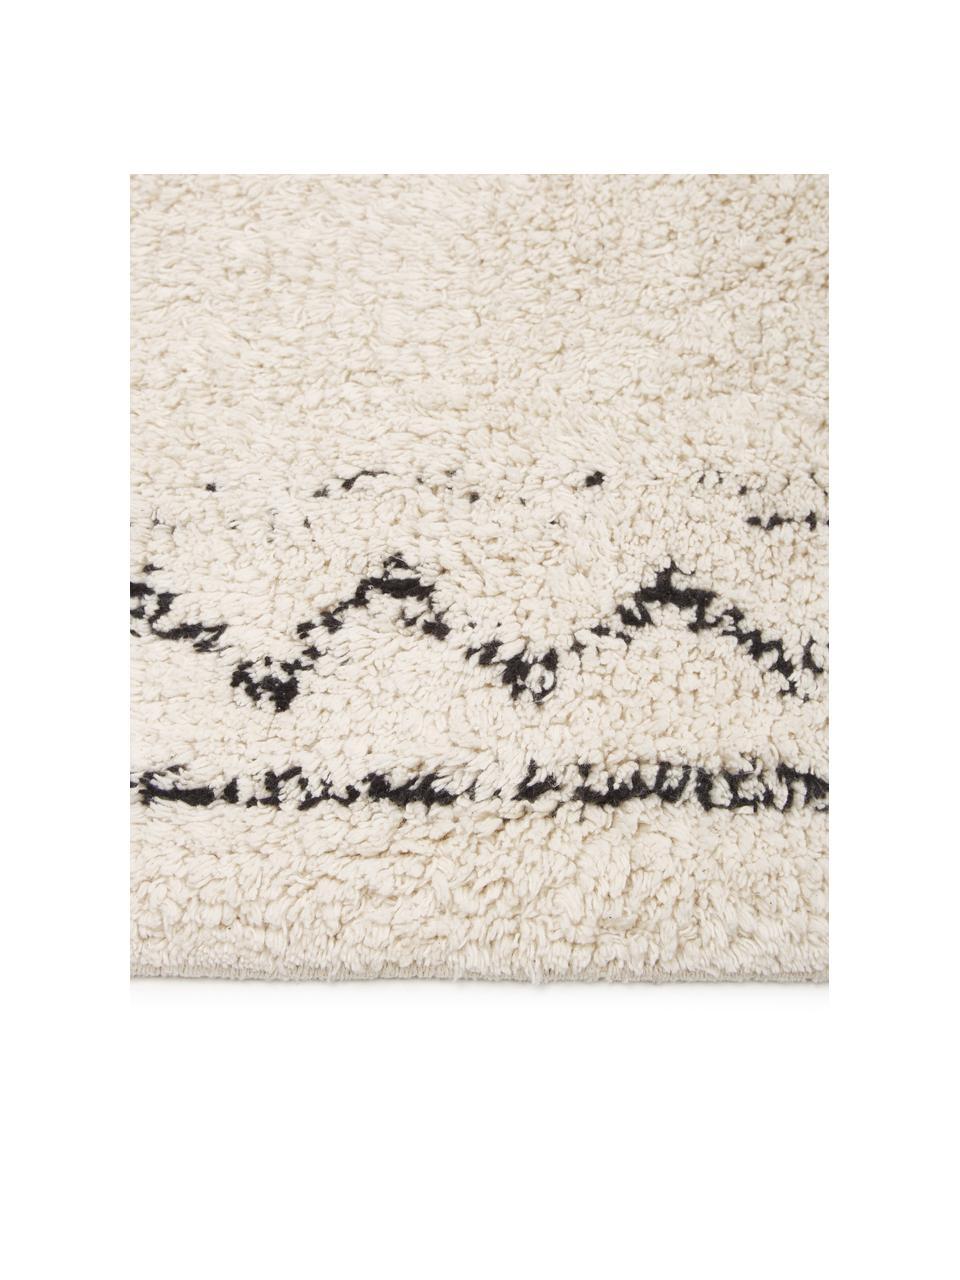 Handgetufteter Boho-Baumwollteppich Frame mit Fransen, 100% Baumwolle, Beige, Schwarz, B 120 x L 180 cm (Größe S)